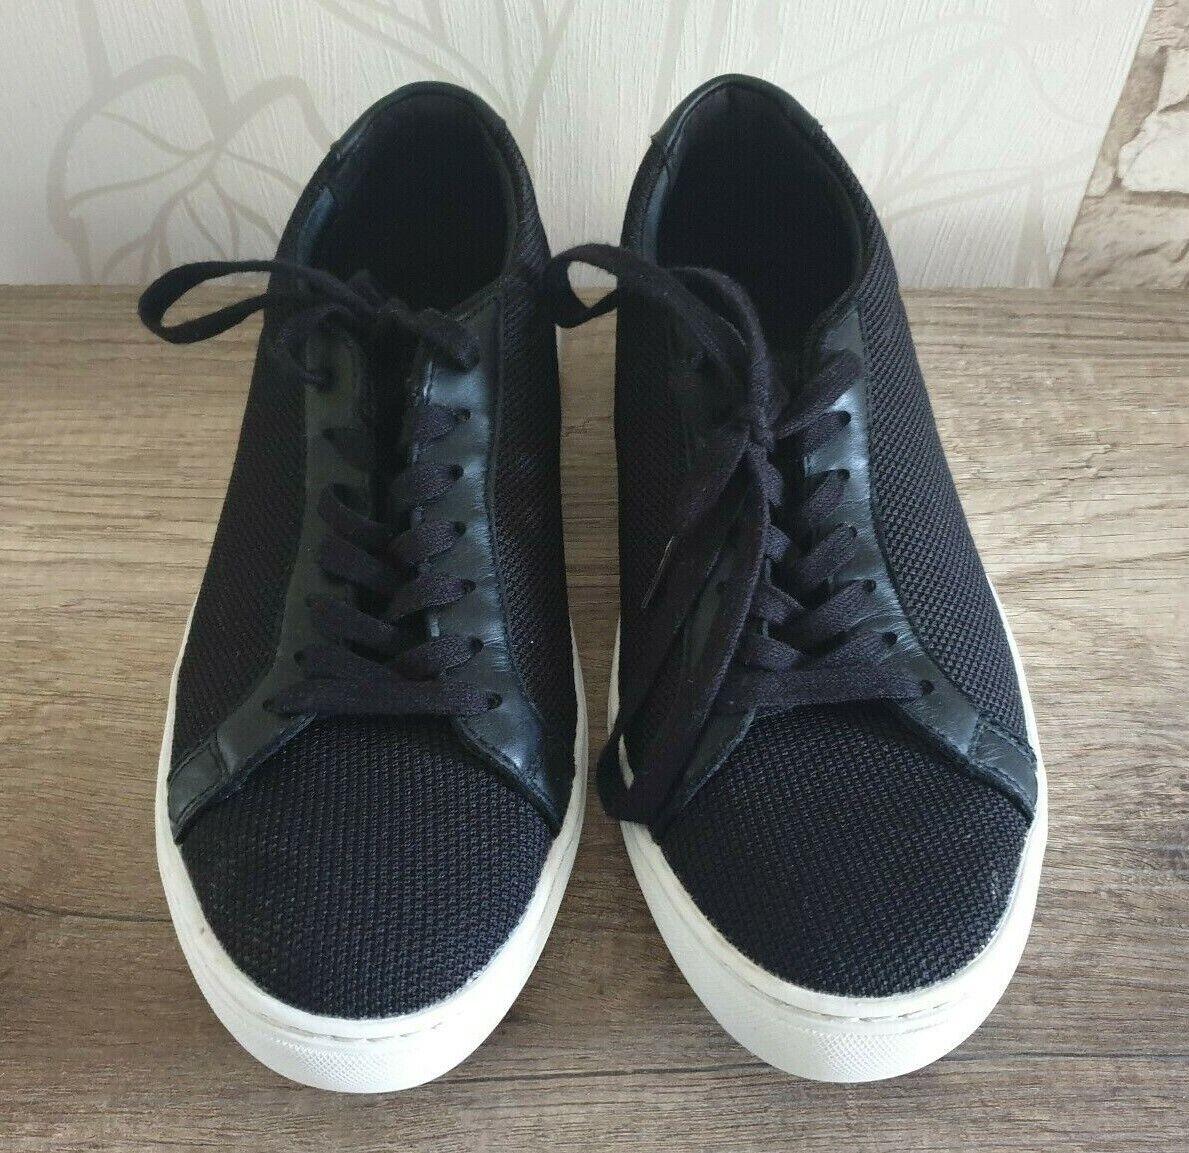 Lacoste L.12.12 BL 2 Cam Sneakers Shoes turschuhe Unisex Black Size 41